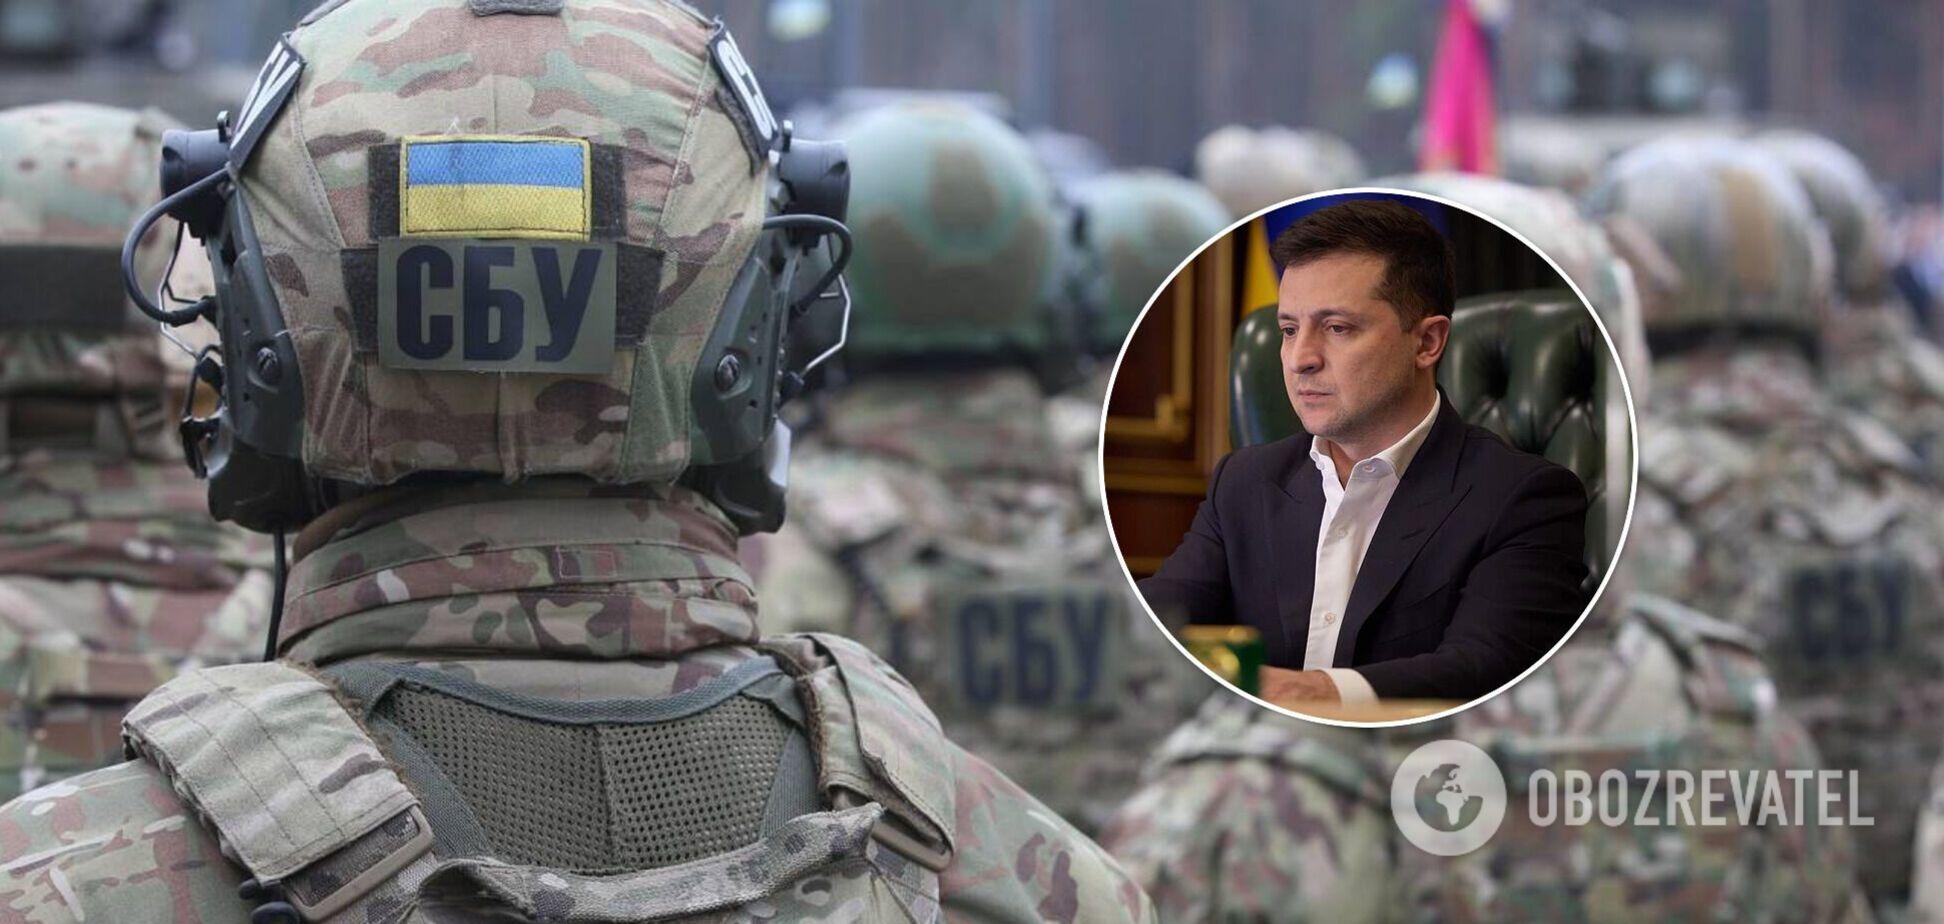 Зеленский уволил из СБУ влиятельных генералов: кого назначили на замену